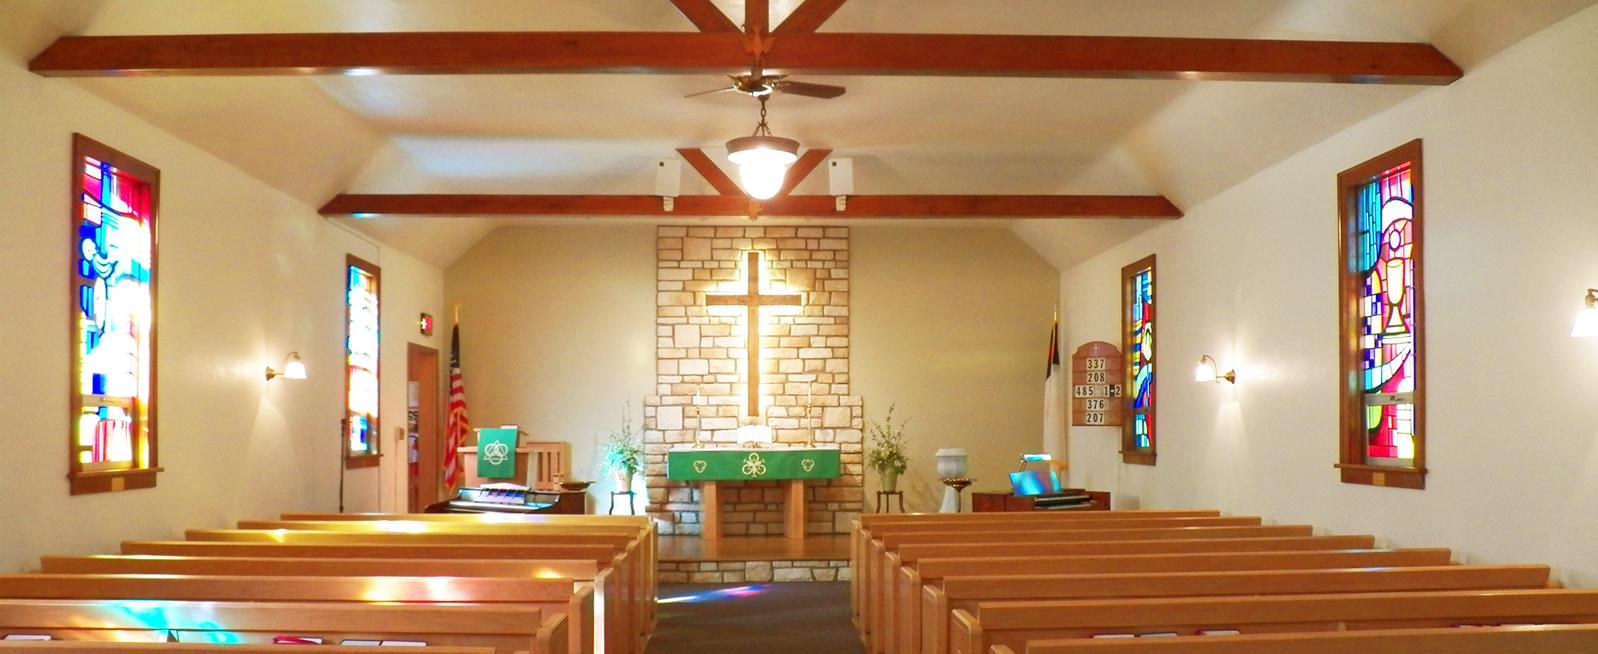 Less is More Sanctuary Design